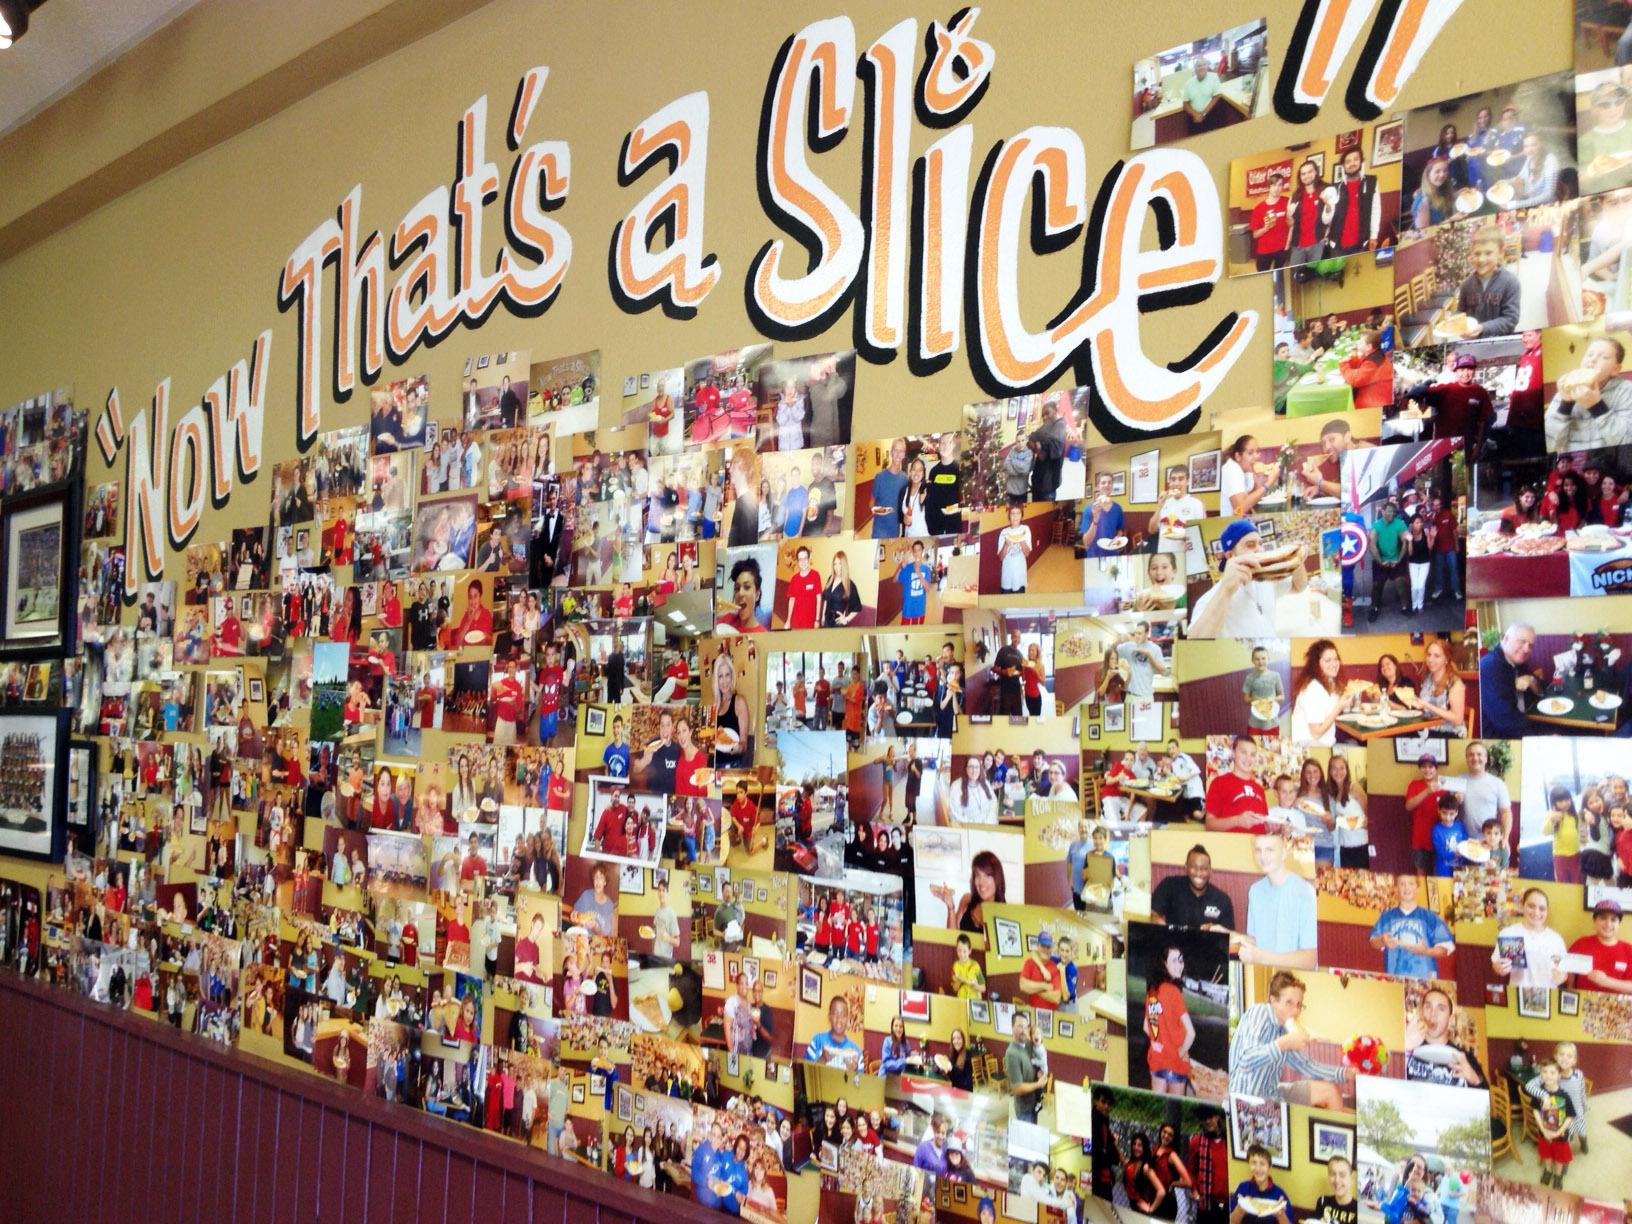 c758bfa18111996ad484_A_Slice_of_Life_wall_at_Nicks.jpg